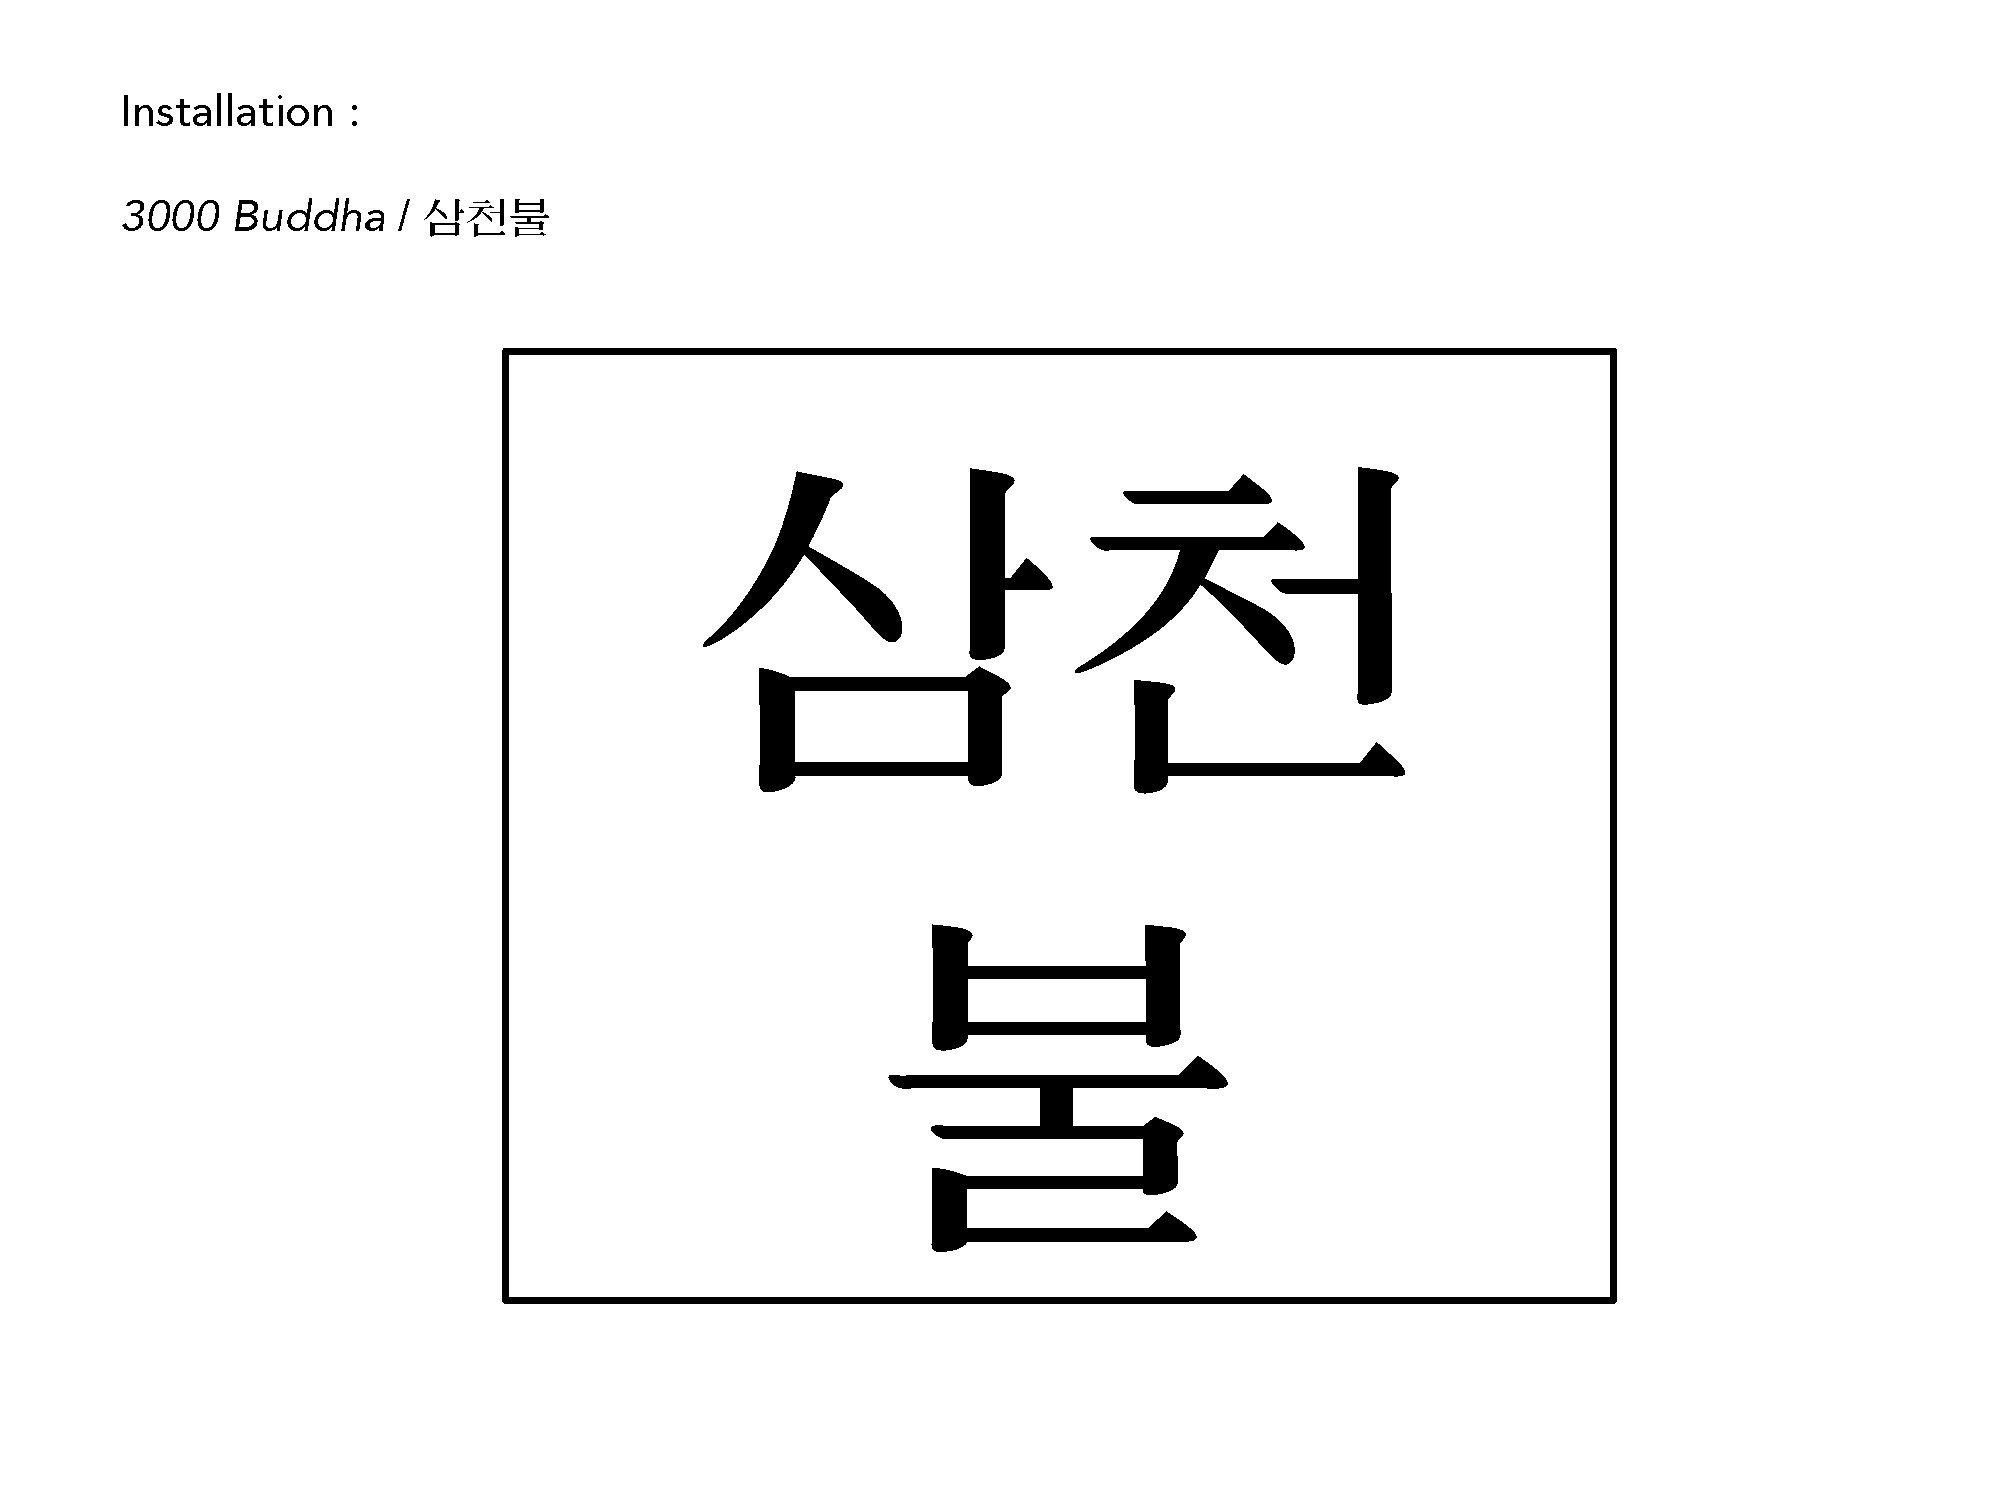 김준표 포트폴리오_Page_54.jpg